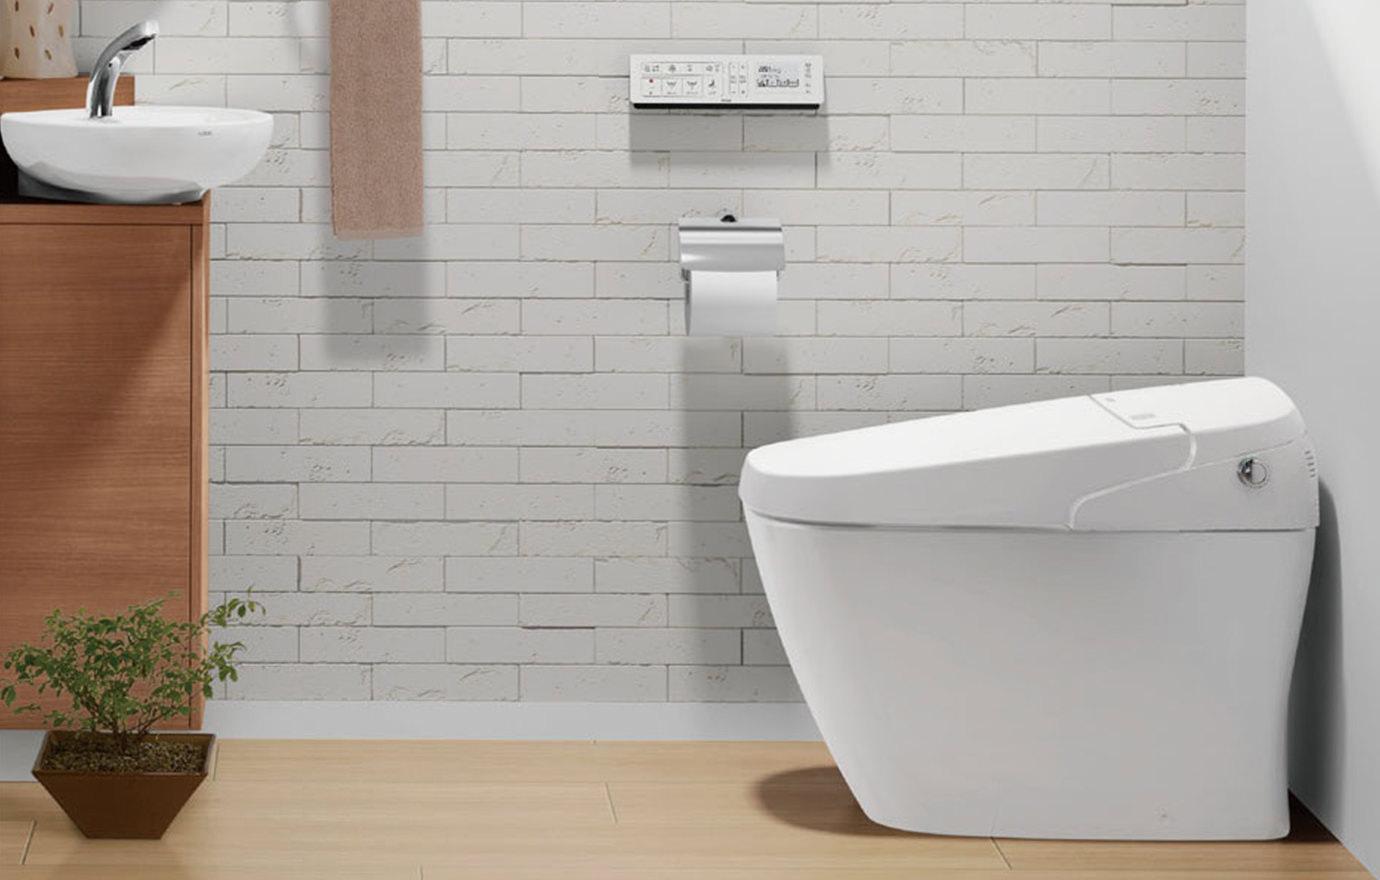 トイレのイヤなニオイの原因は壁と床?消臭に役立つリフォームプランを解説